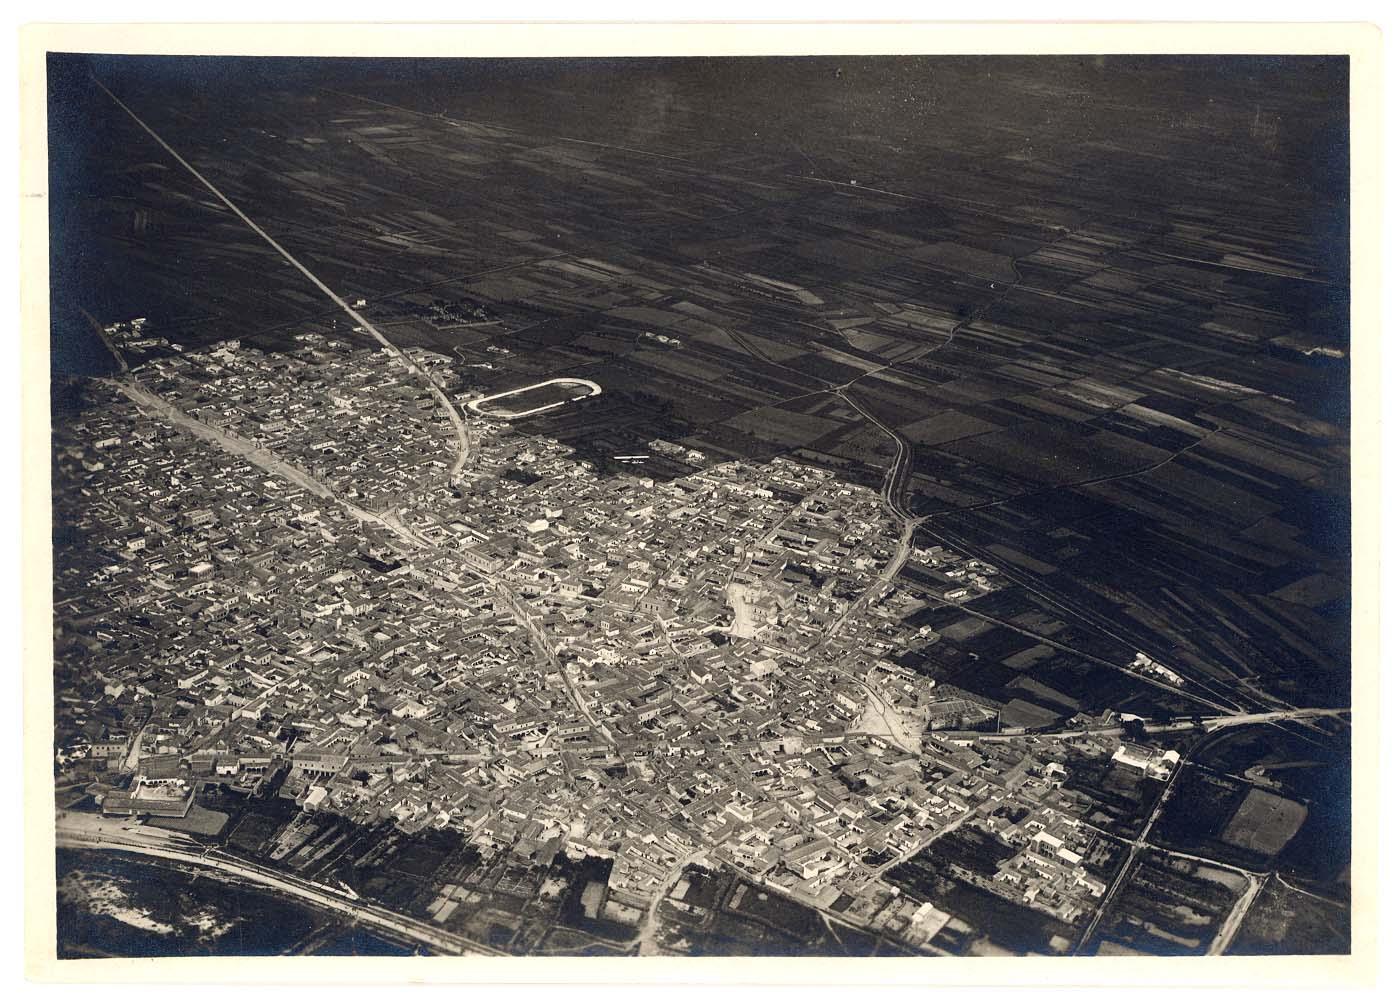 Archivio Comunale - 1921 - Topografia_jpg_foto 0030 11-13